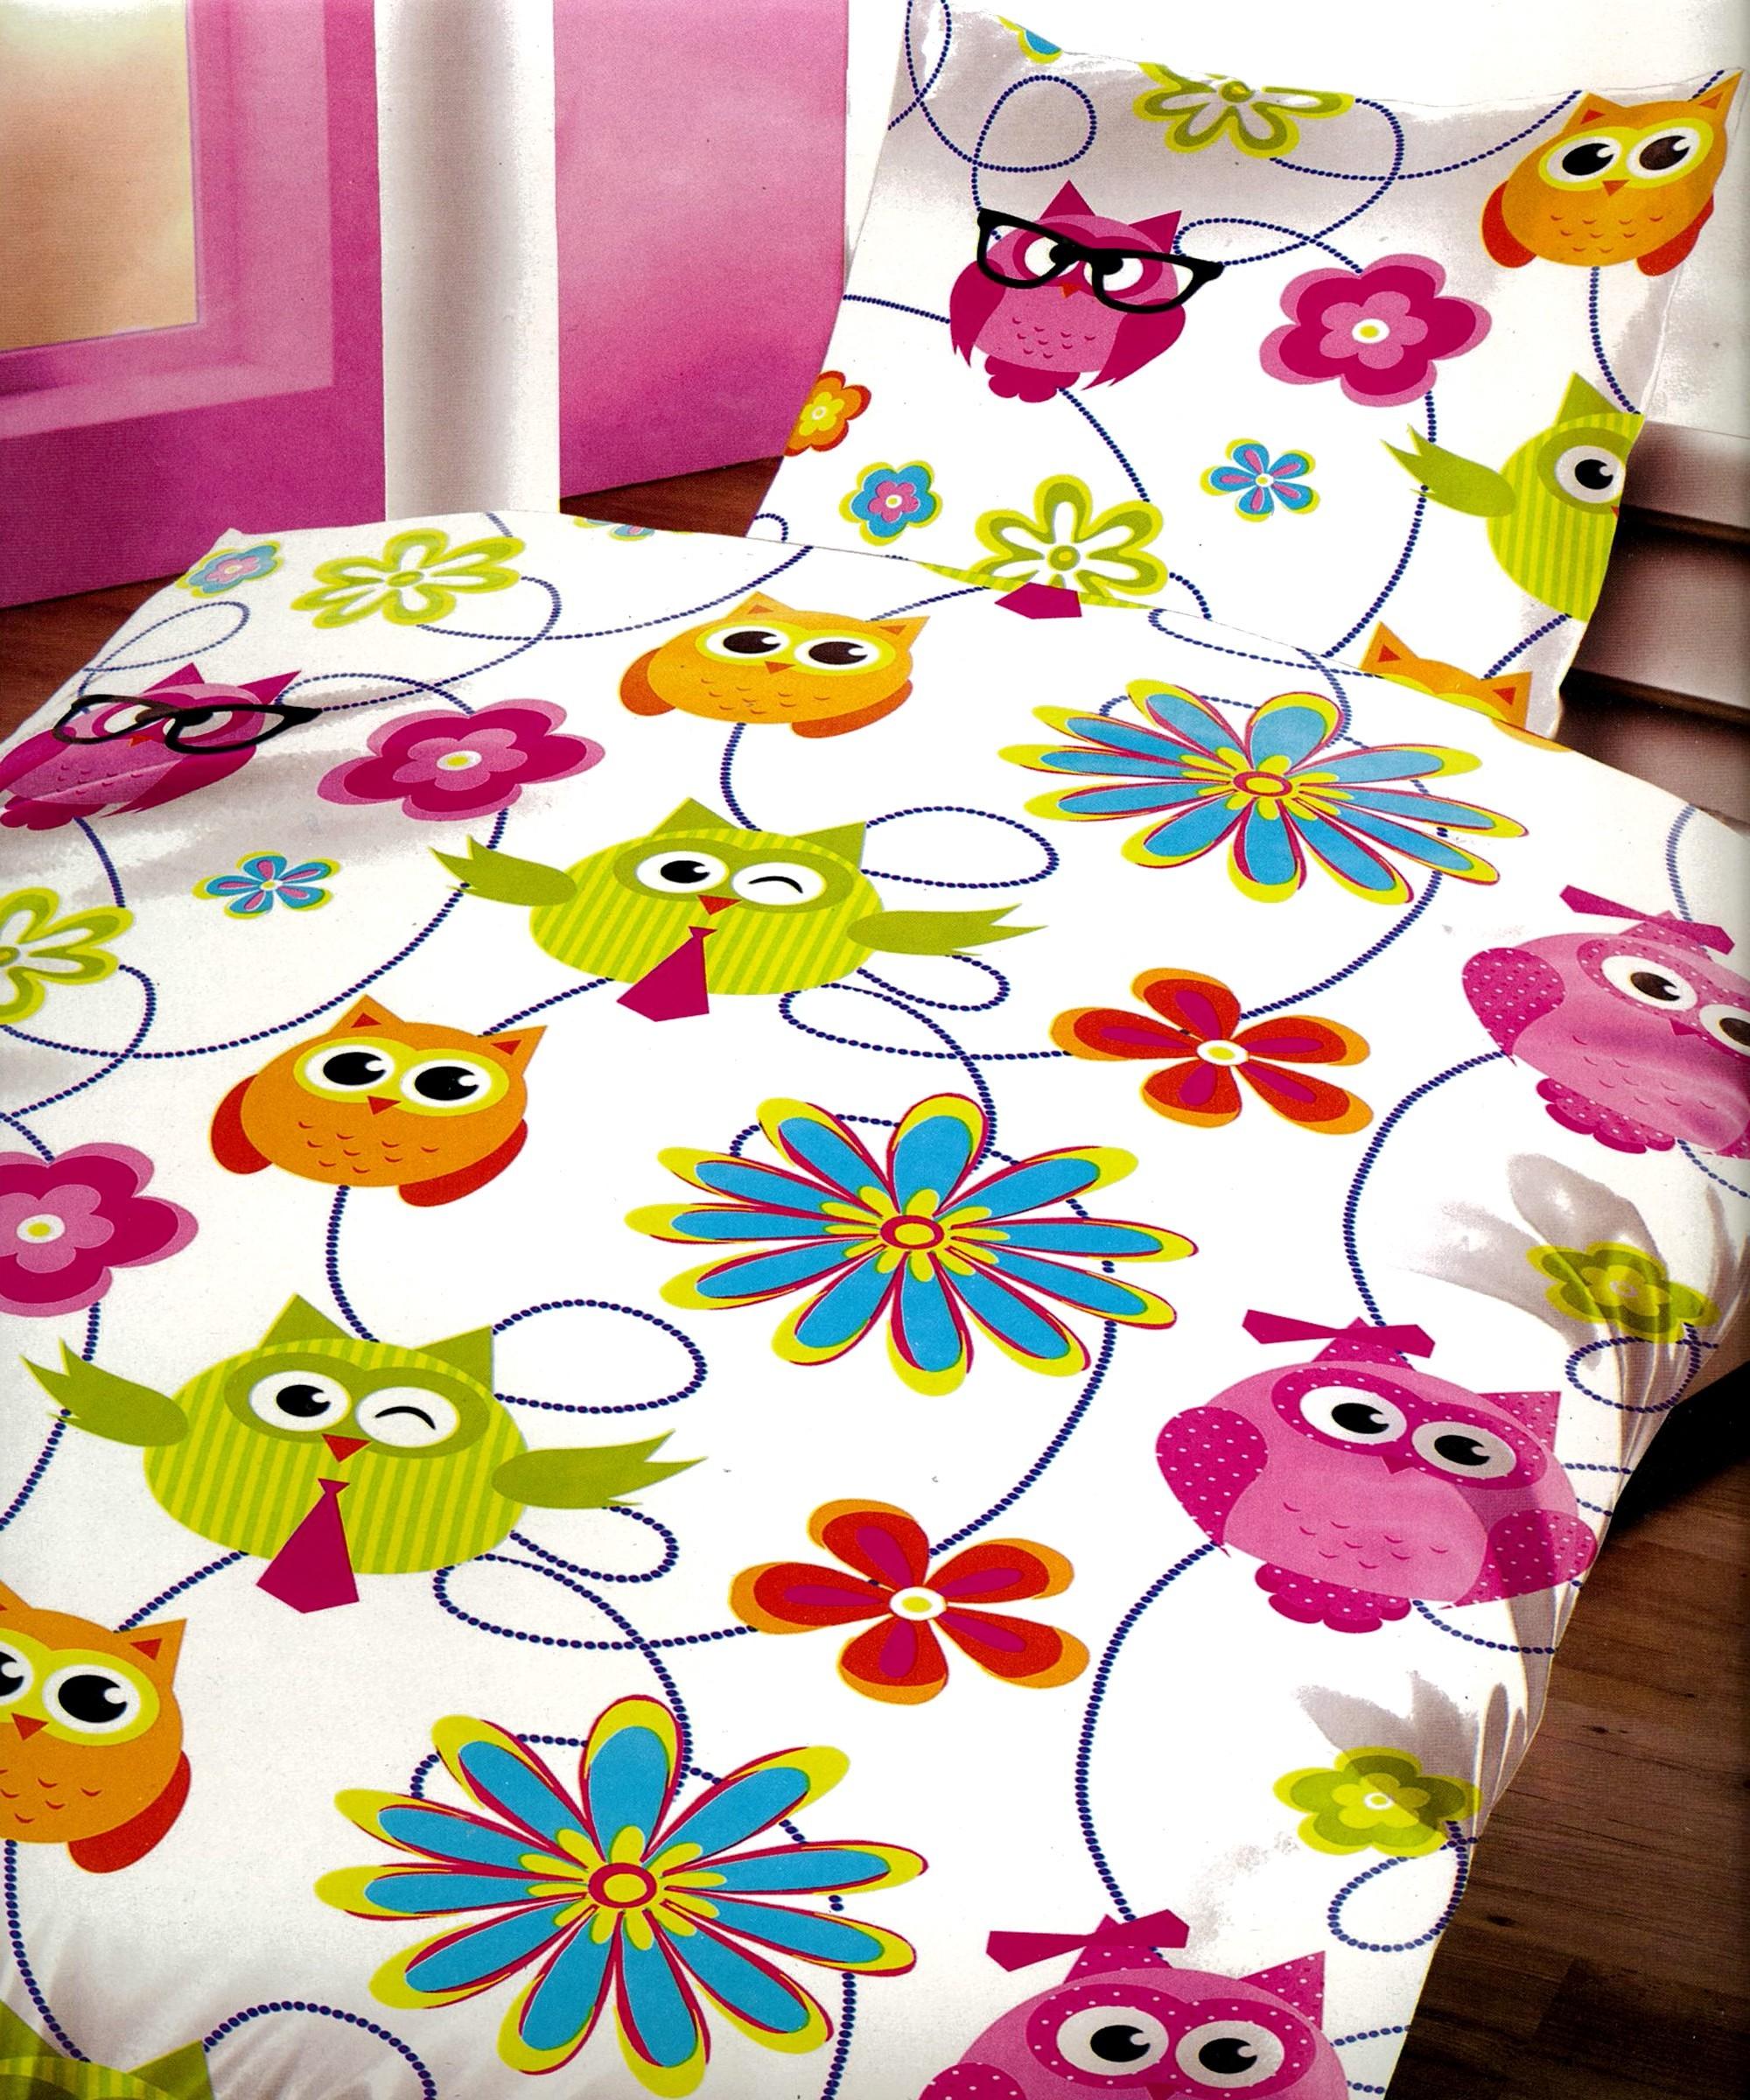 4 tlg bettw sche microfaser 135x200 cm bunte eulen blumen wei garnitur set neu ebay. Black Bedroom Furniture Sets. Home Design Ideas